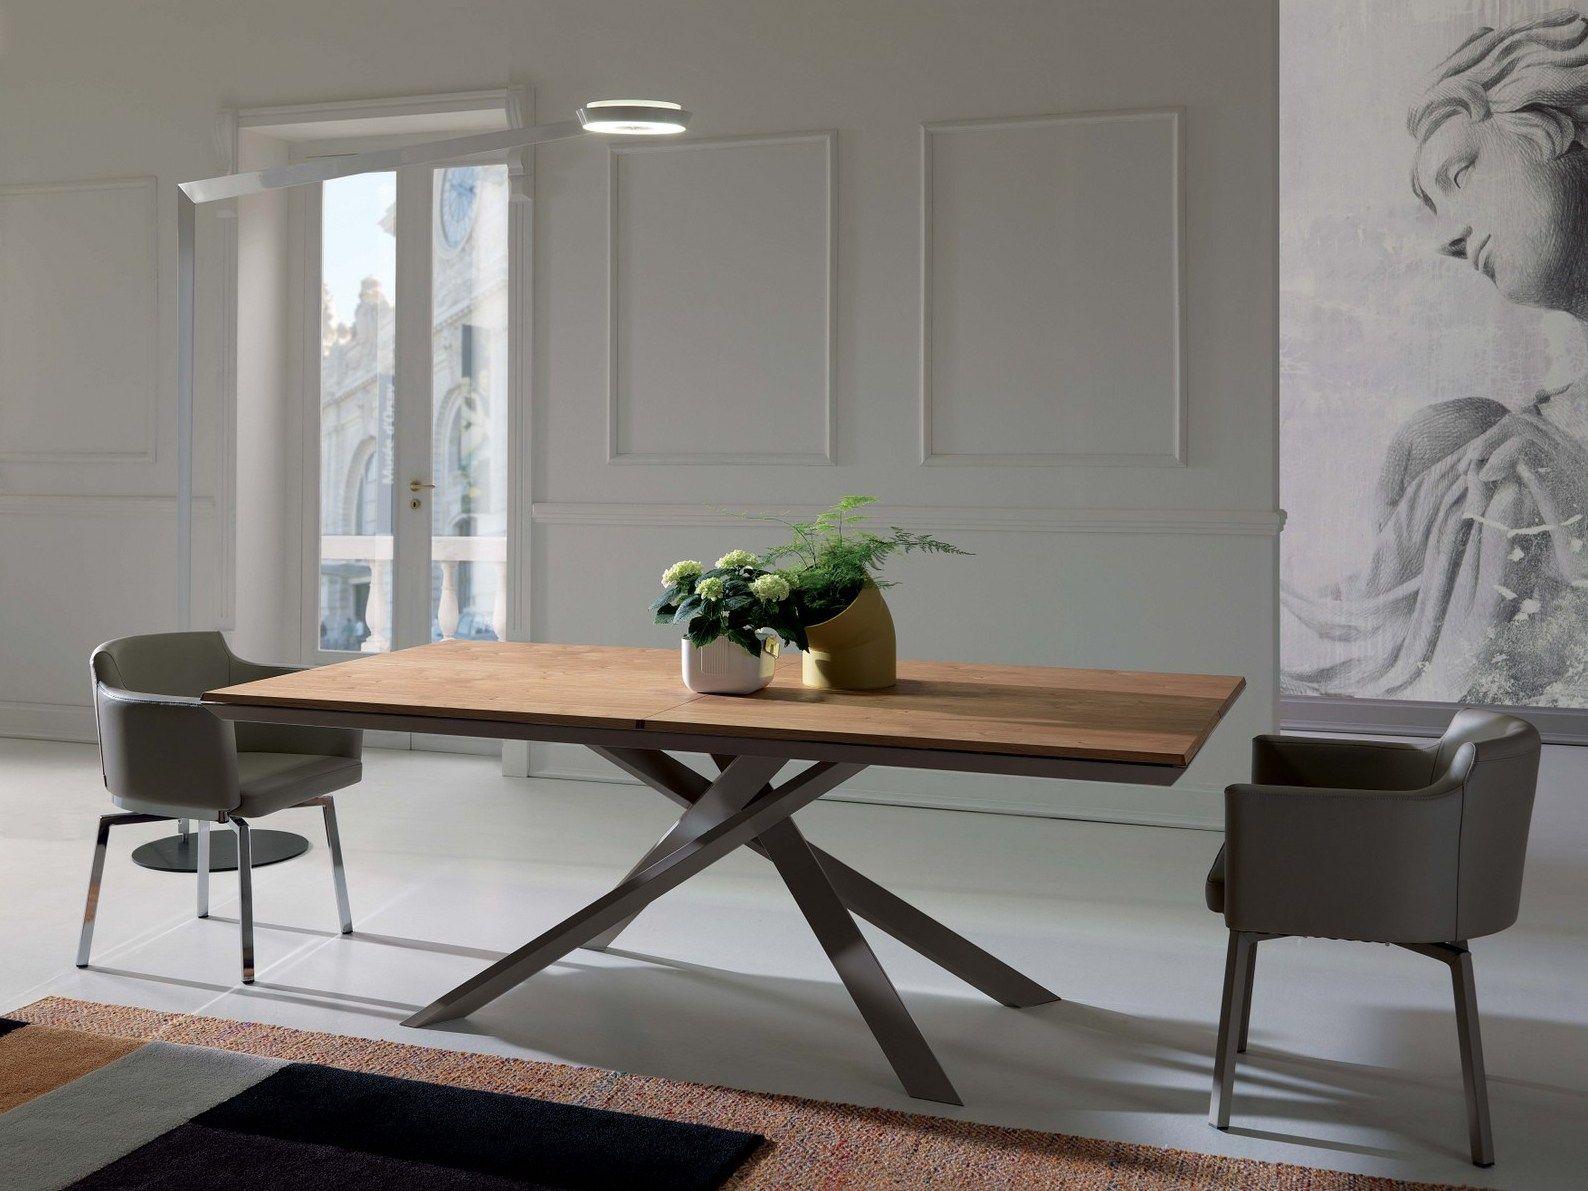 Table Extensible Rectangulaire En Bois 4x4 By Ozzio Italia Design